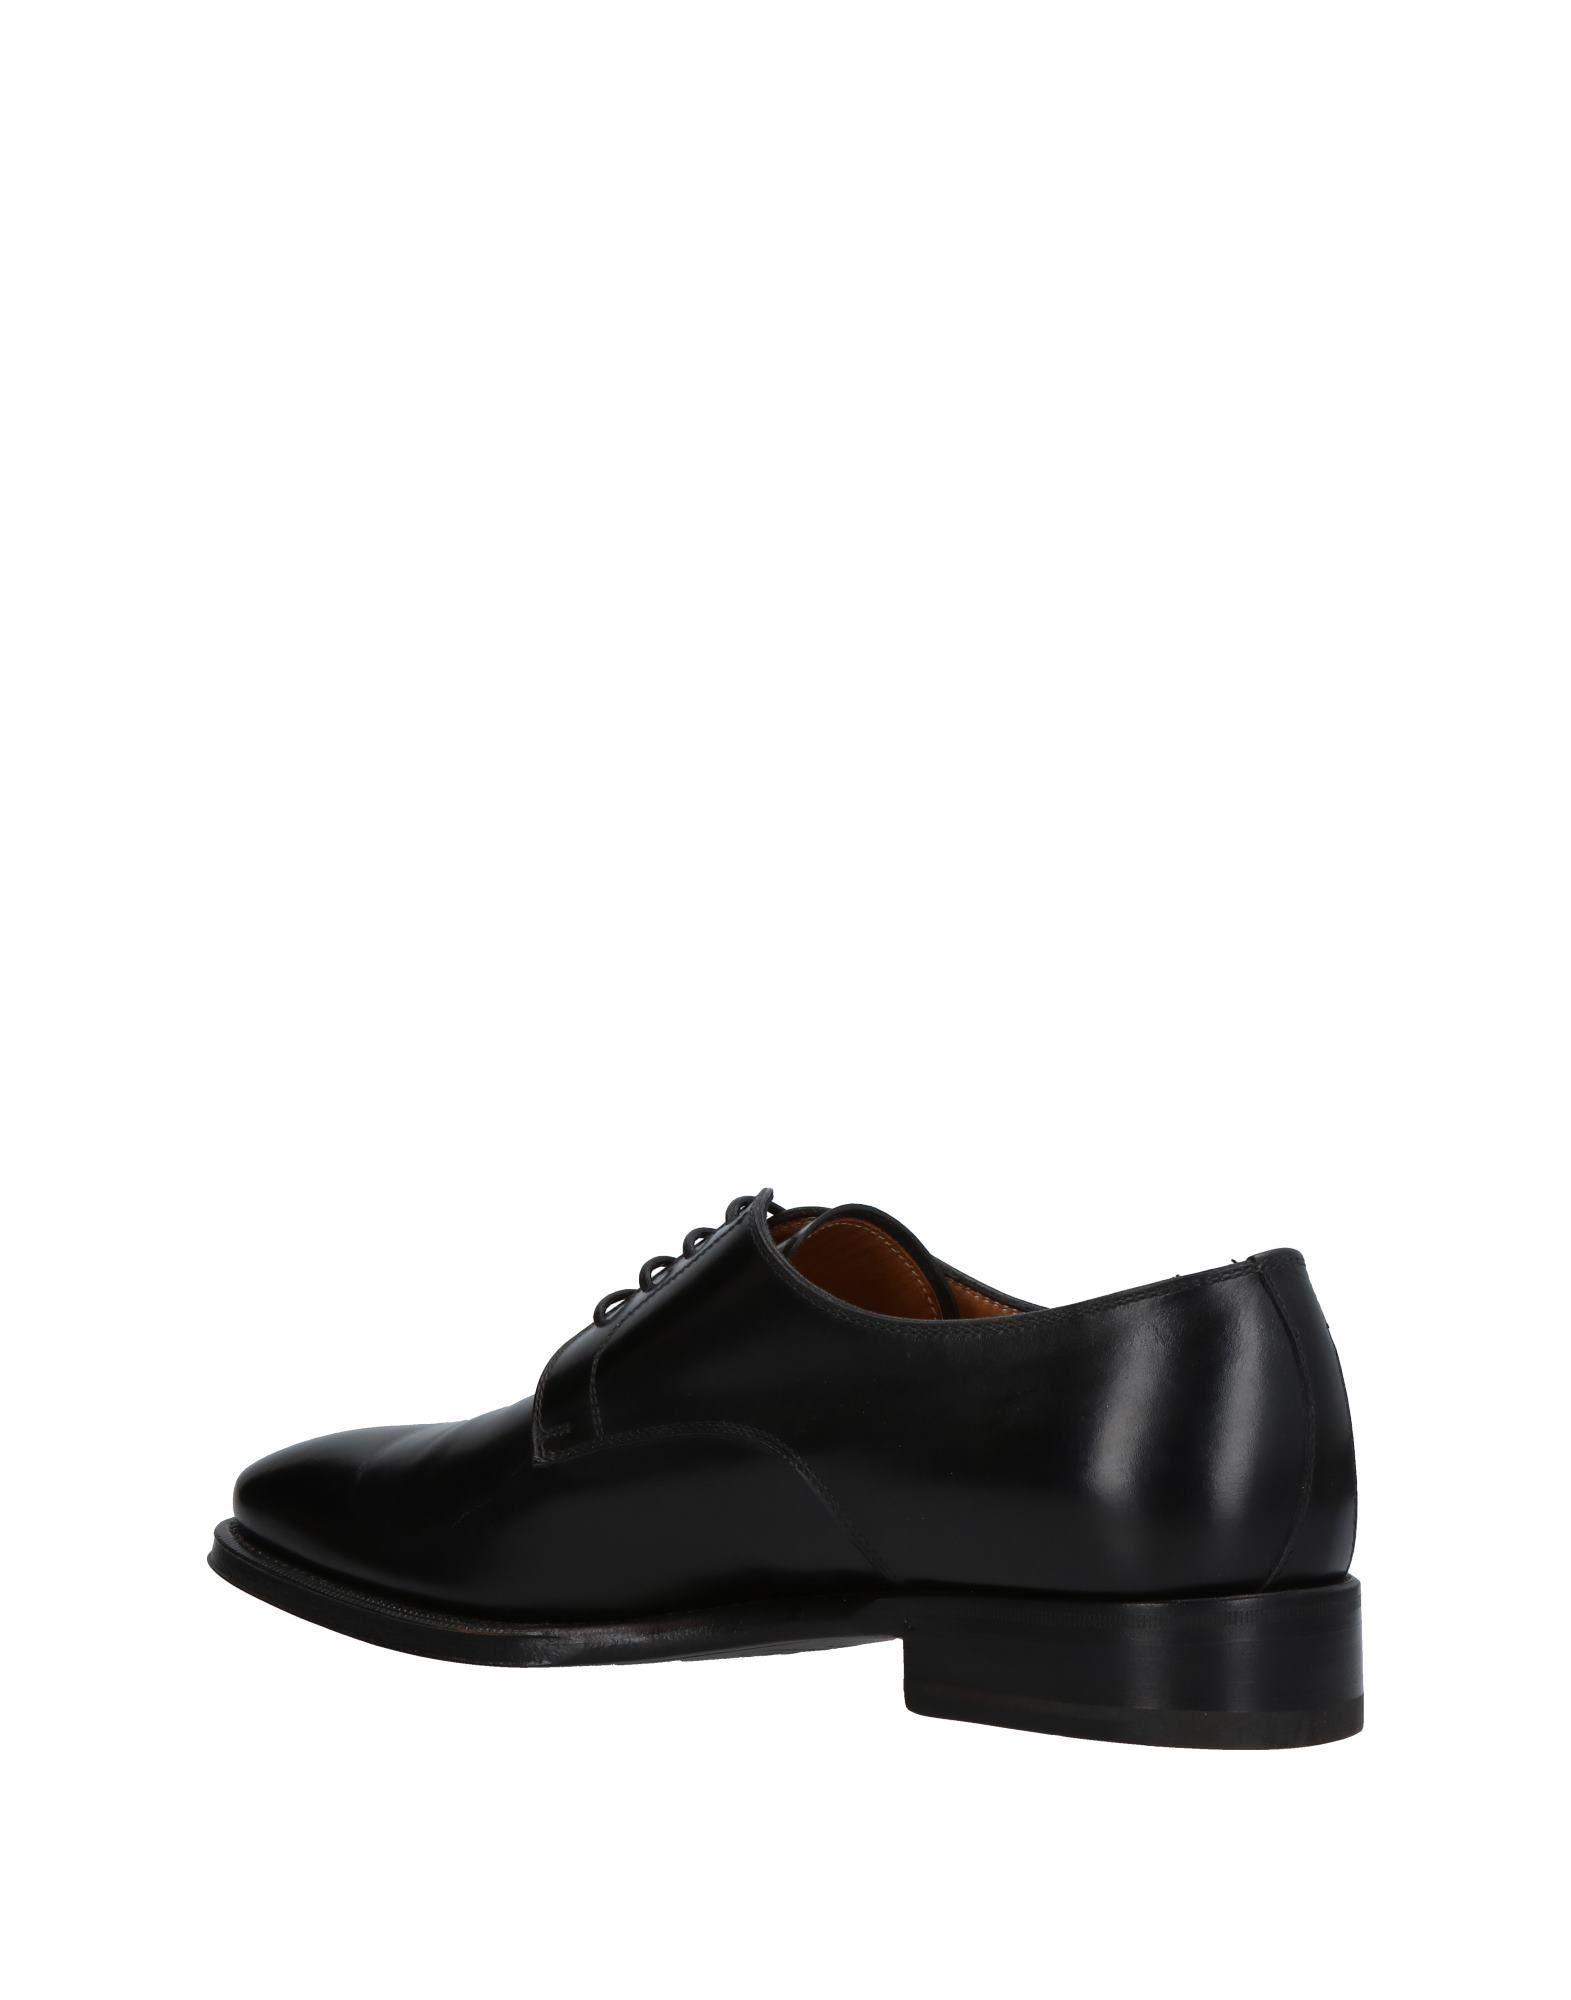 Barrett Schnürschuhe Herren  11349445QP Gute Qualität beliebte Schuhe